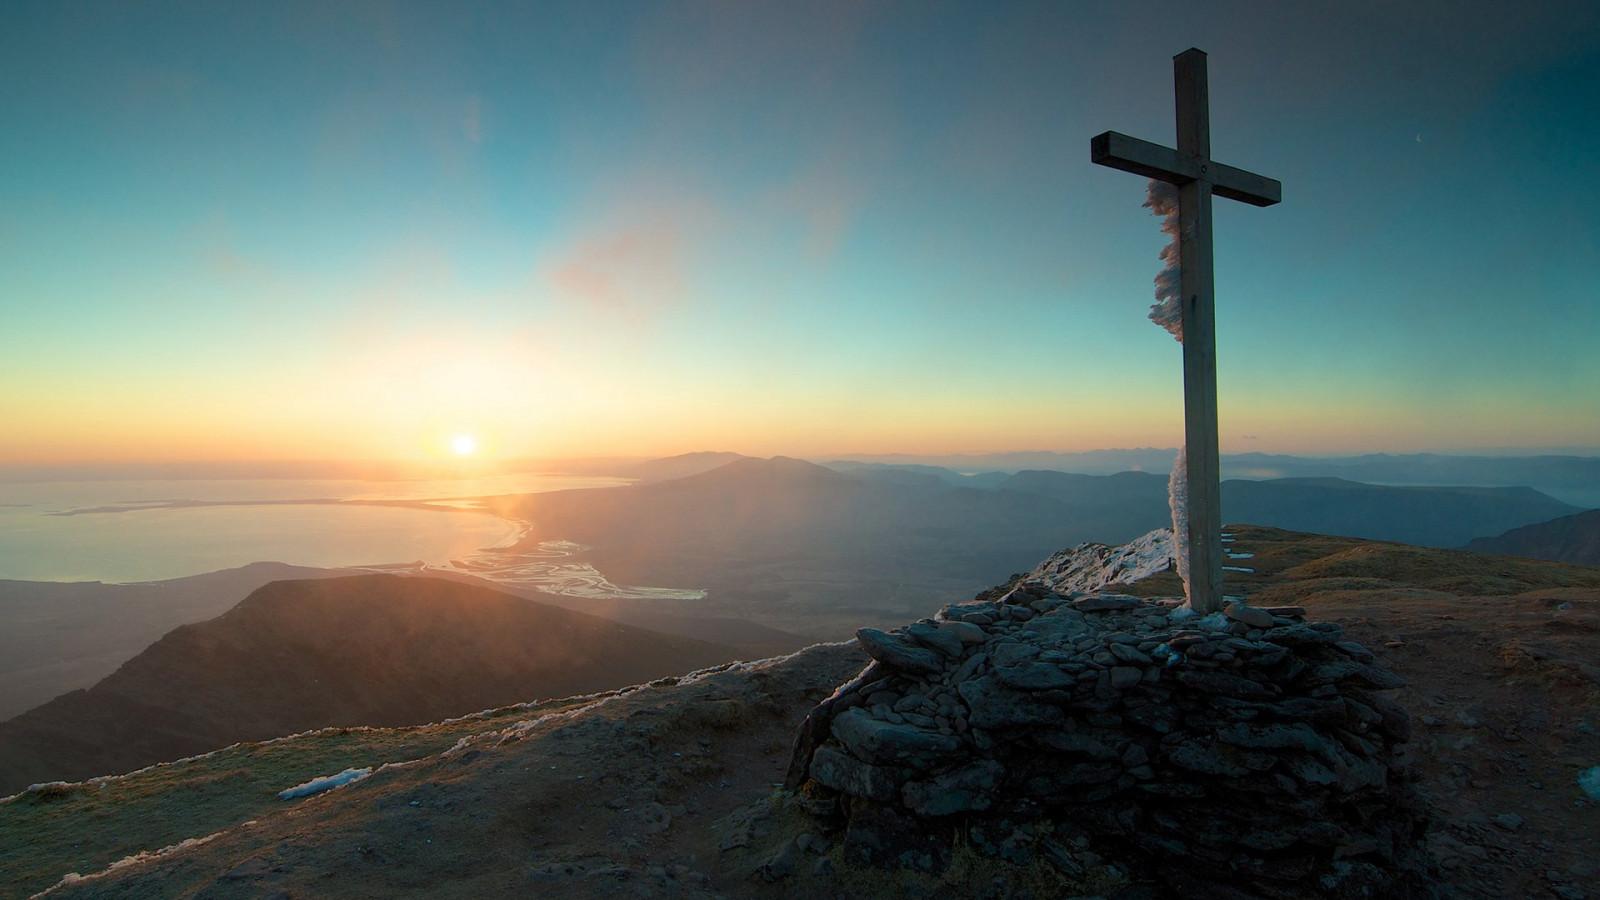 Самые красивые христианские картинки